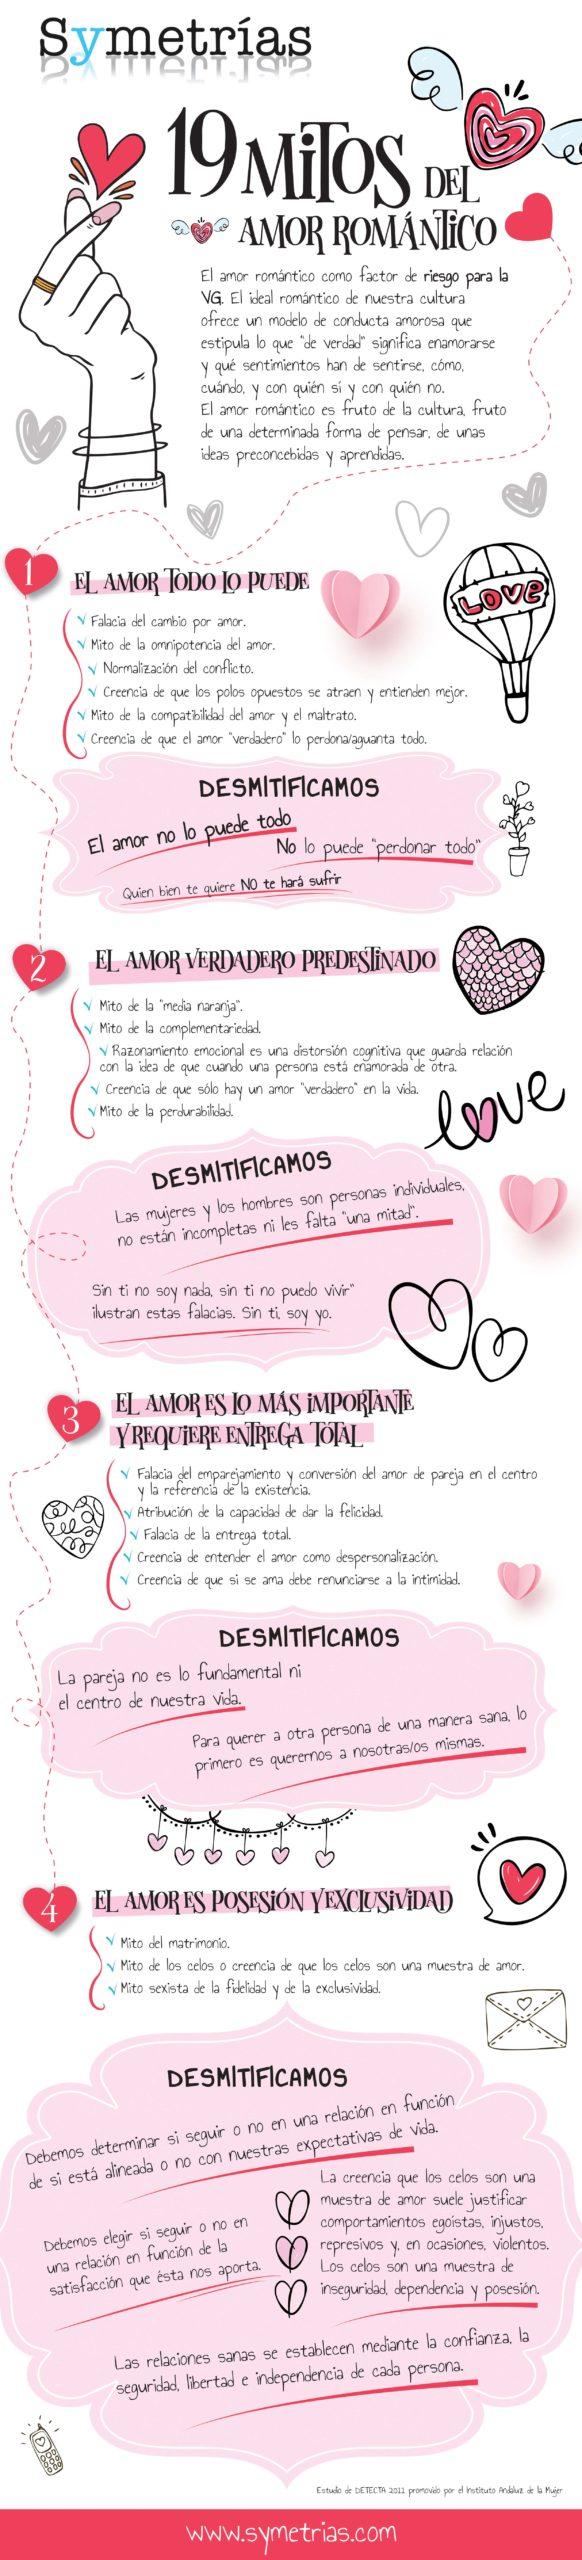 infografia mitos amor romantico